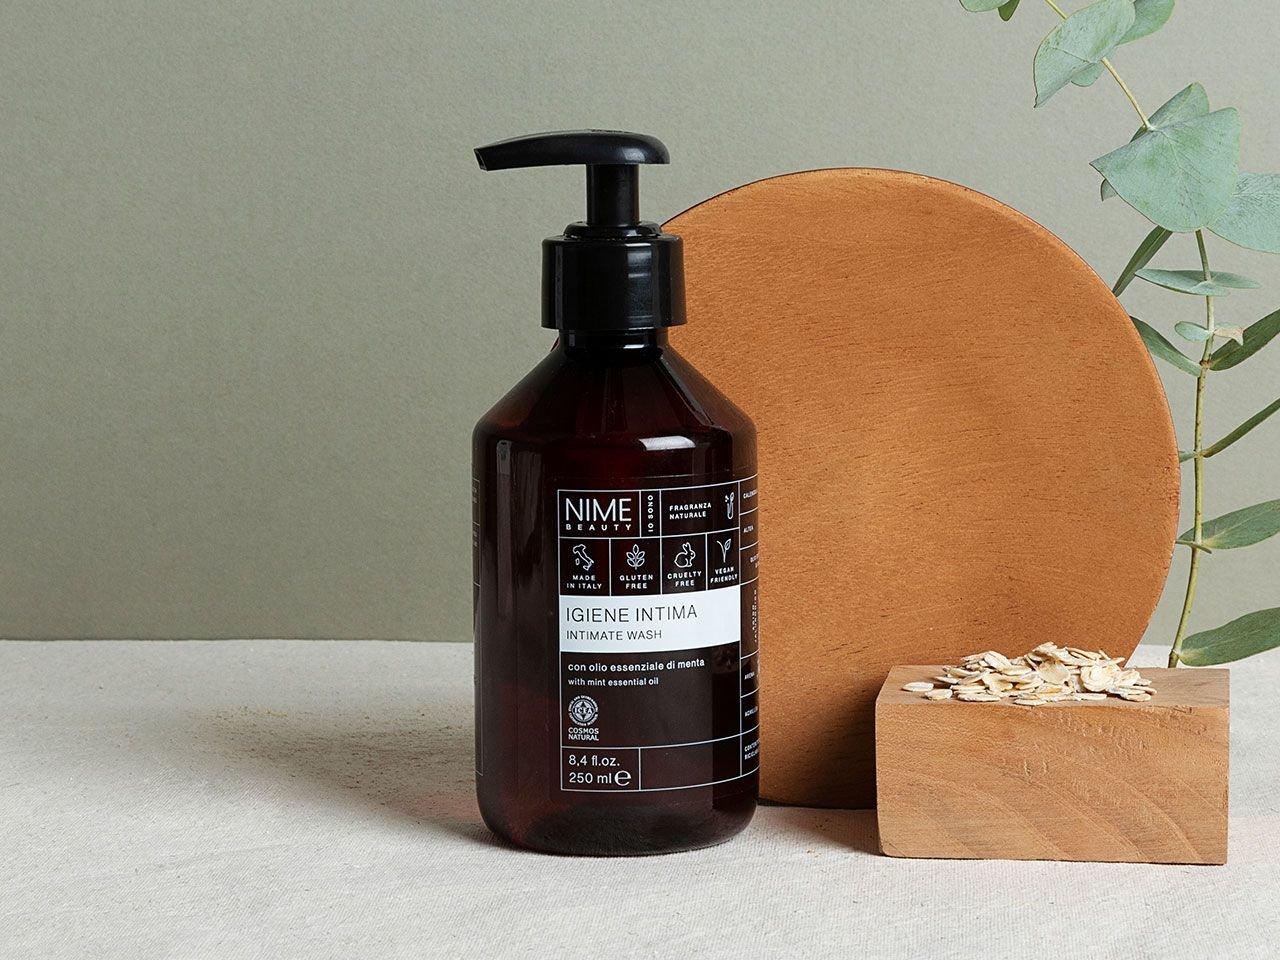 Igiene Intima con olio essenziale di menta - v1